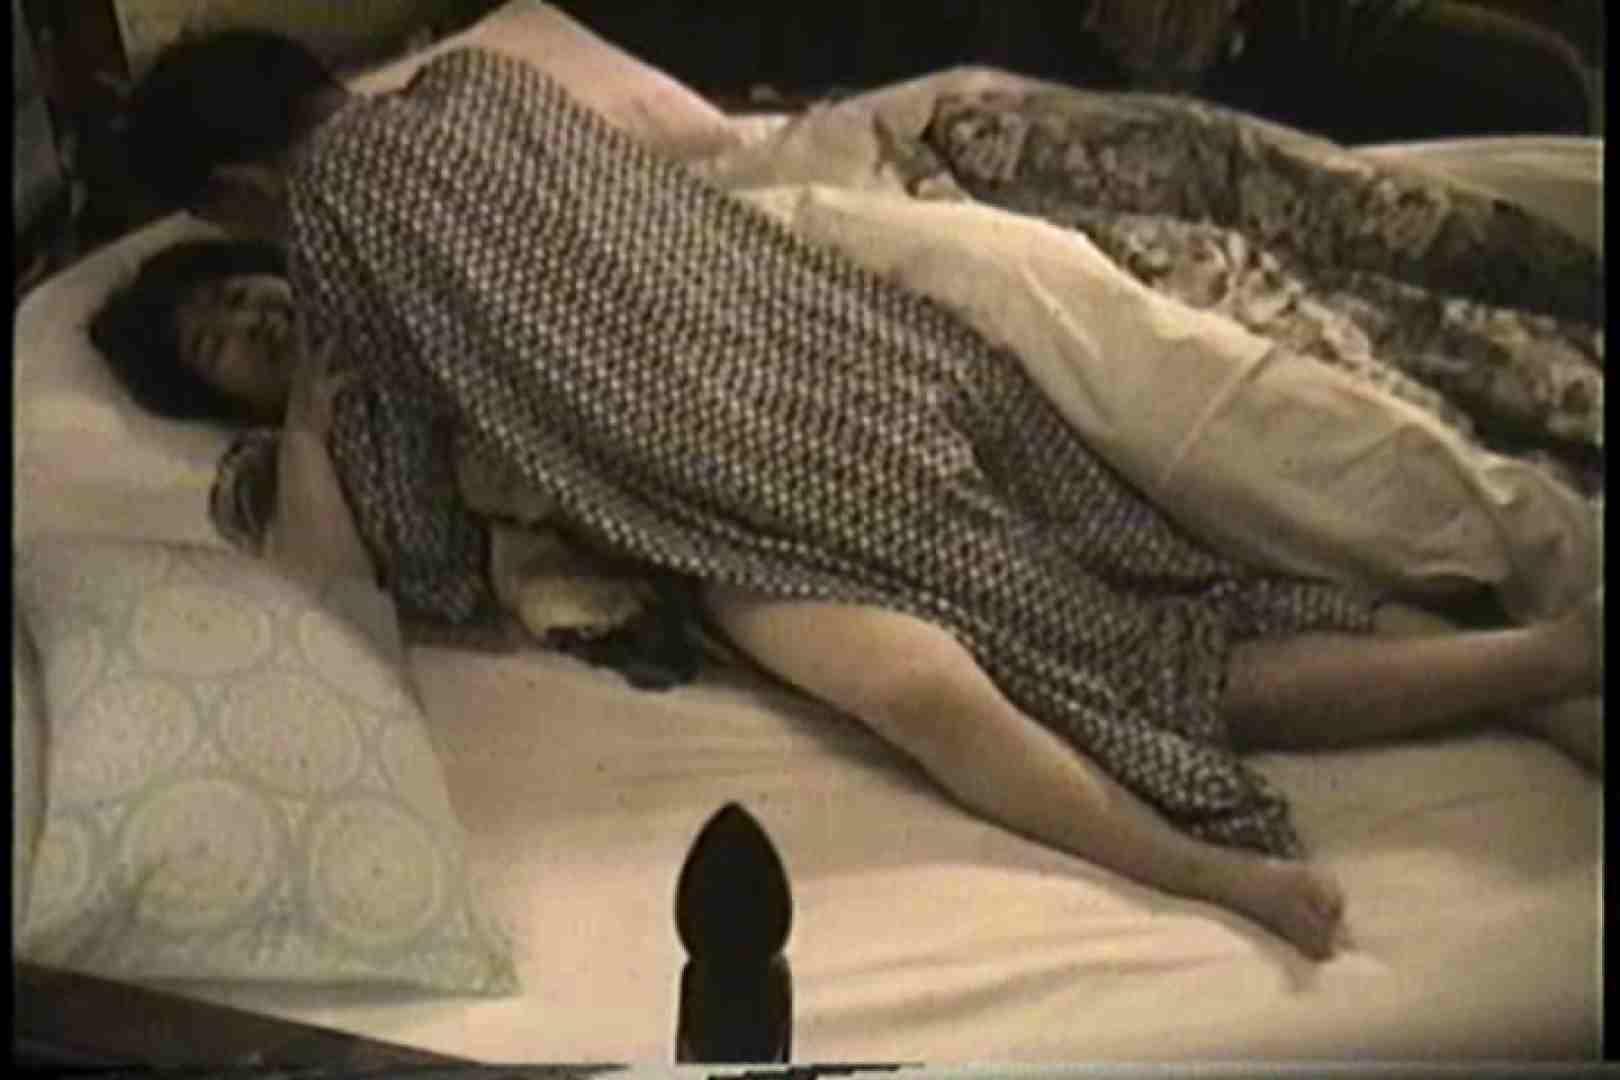 実録!ラブホテル~消し忘れ注意!昭和の色編~ vol.21 熟女丸裸  104pic 21